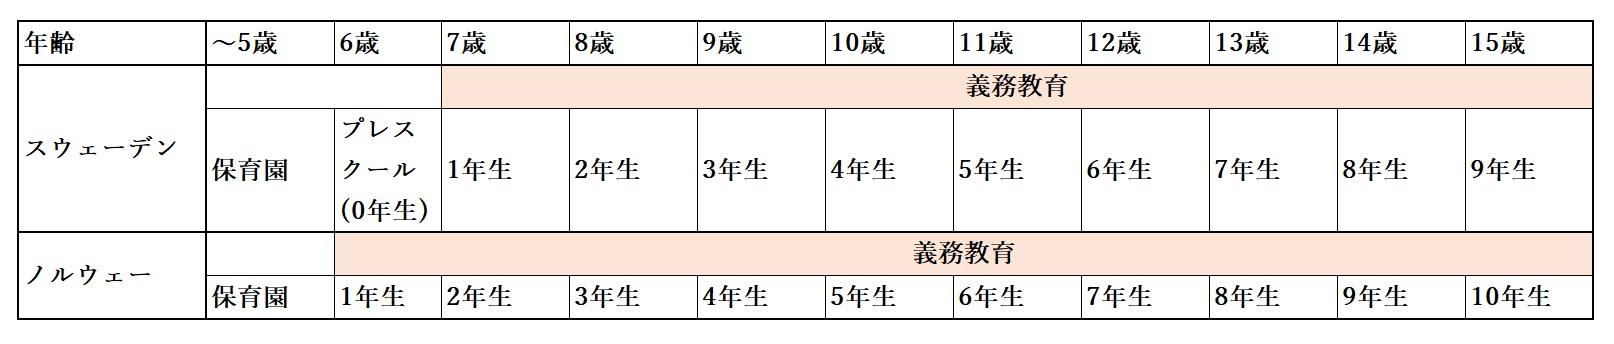 report_09_382_01.jpg